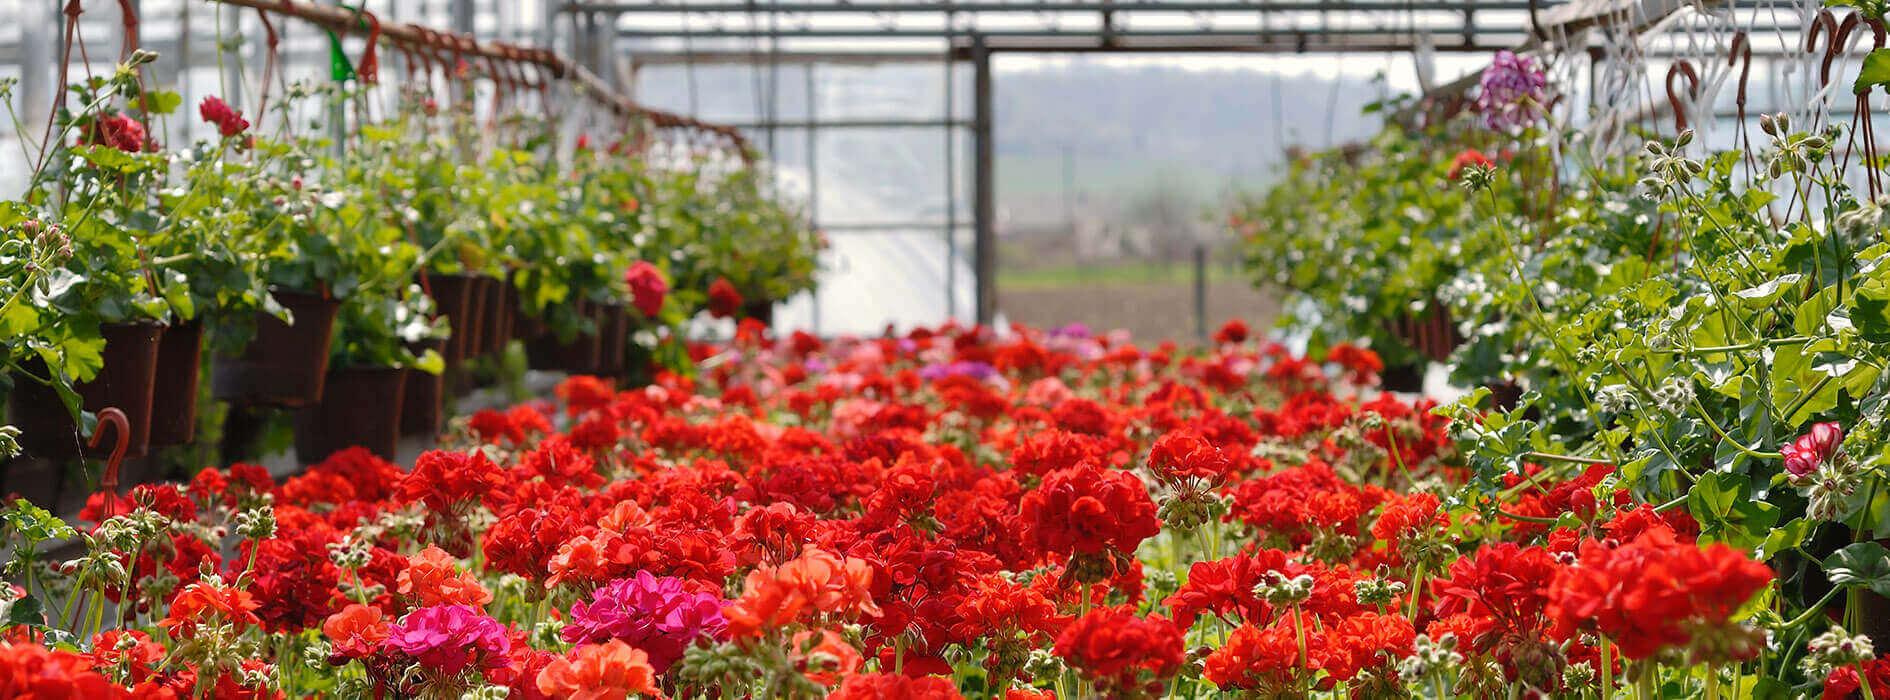 Garden-Centre_Heidis-GrowHaus-Lifestyle-Gardens3